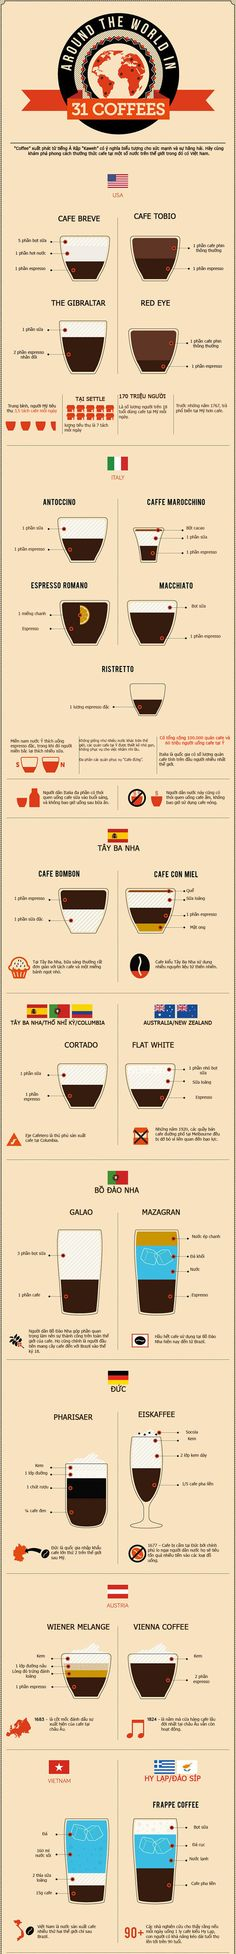 [Infographic] Phong cách uống cà phê tại các quốc gia trên thế giới | Life style | CafeBiz